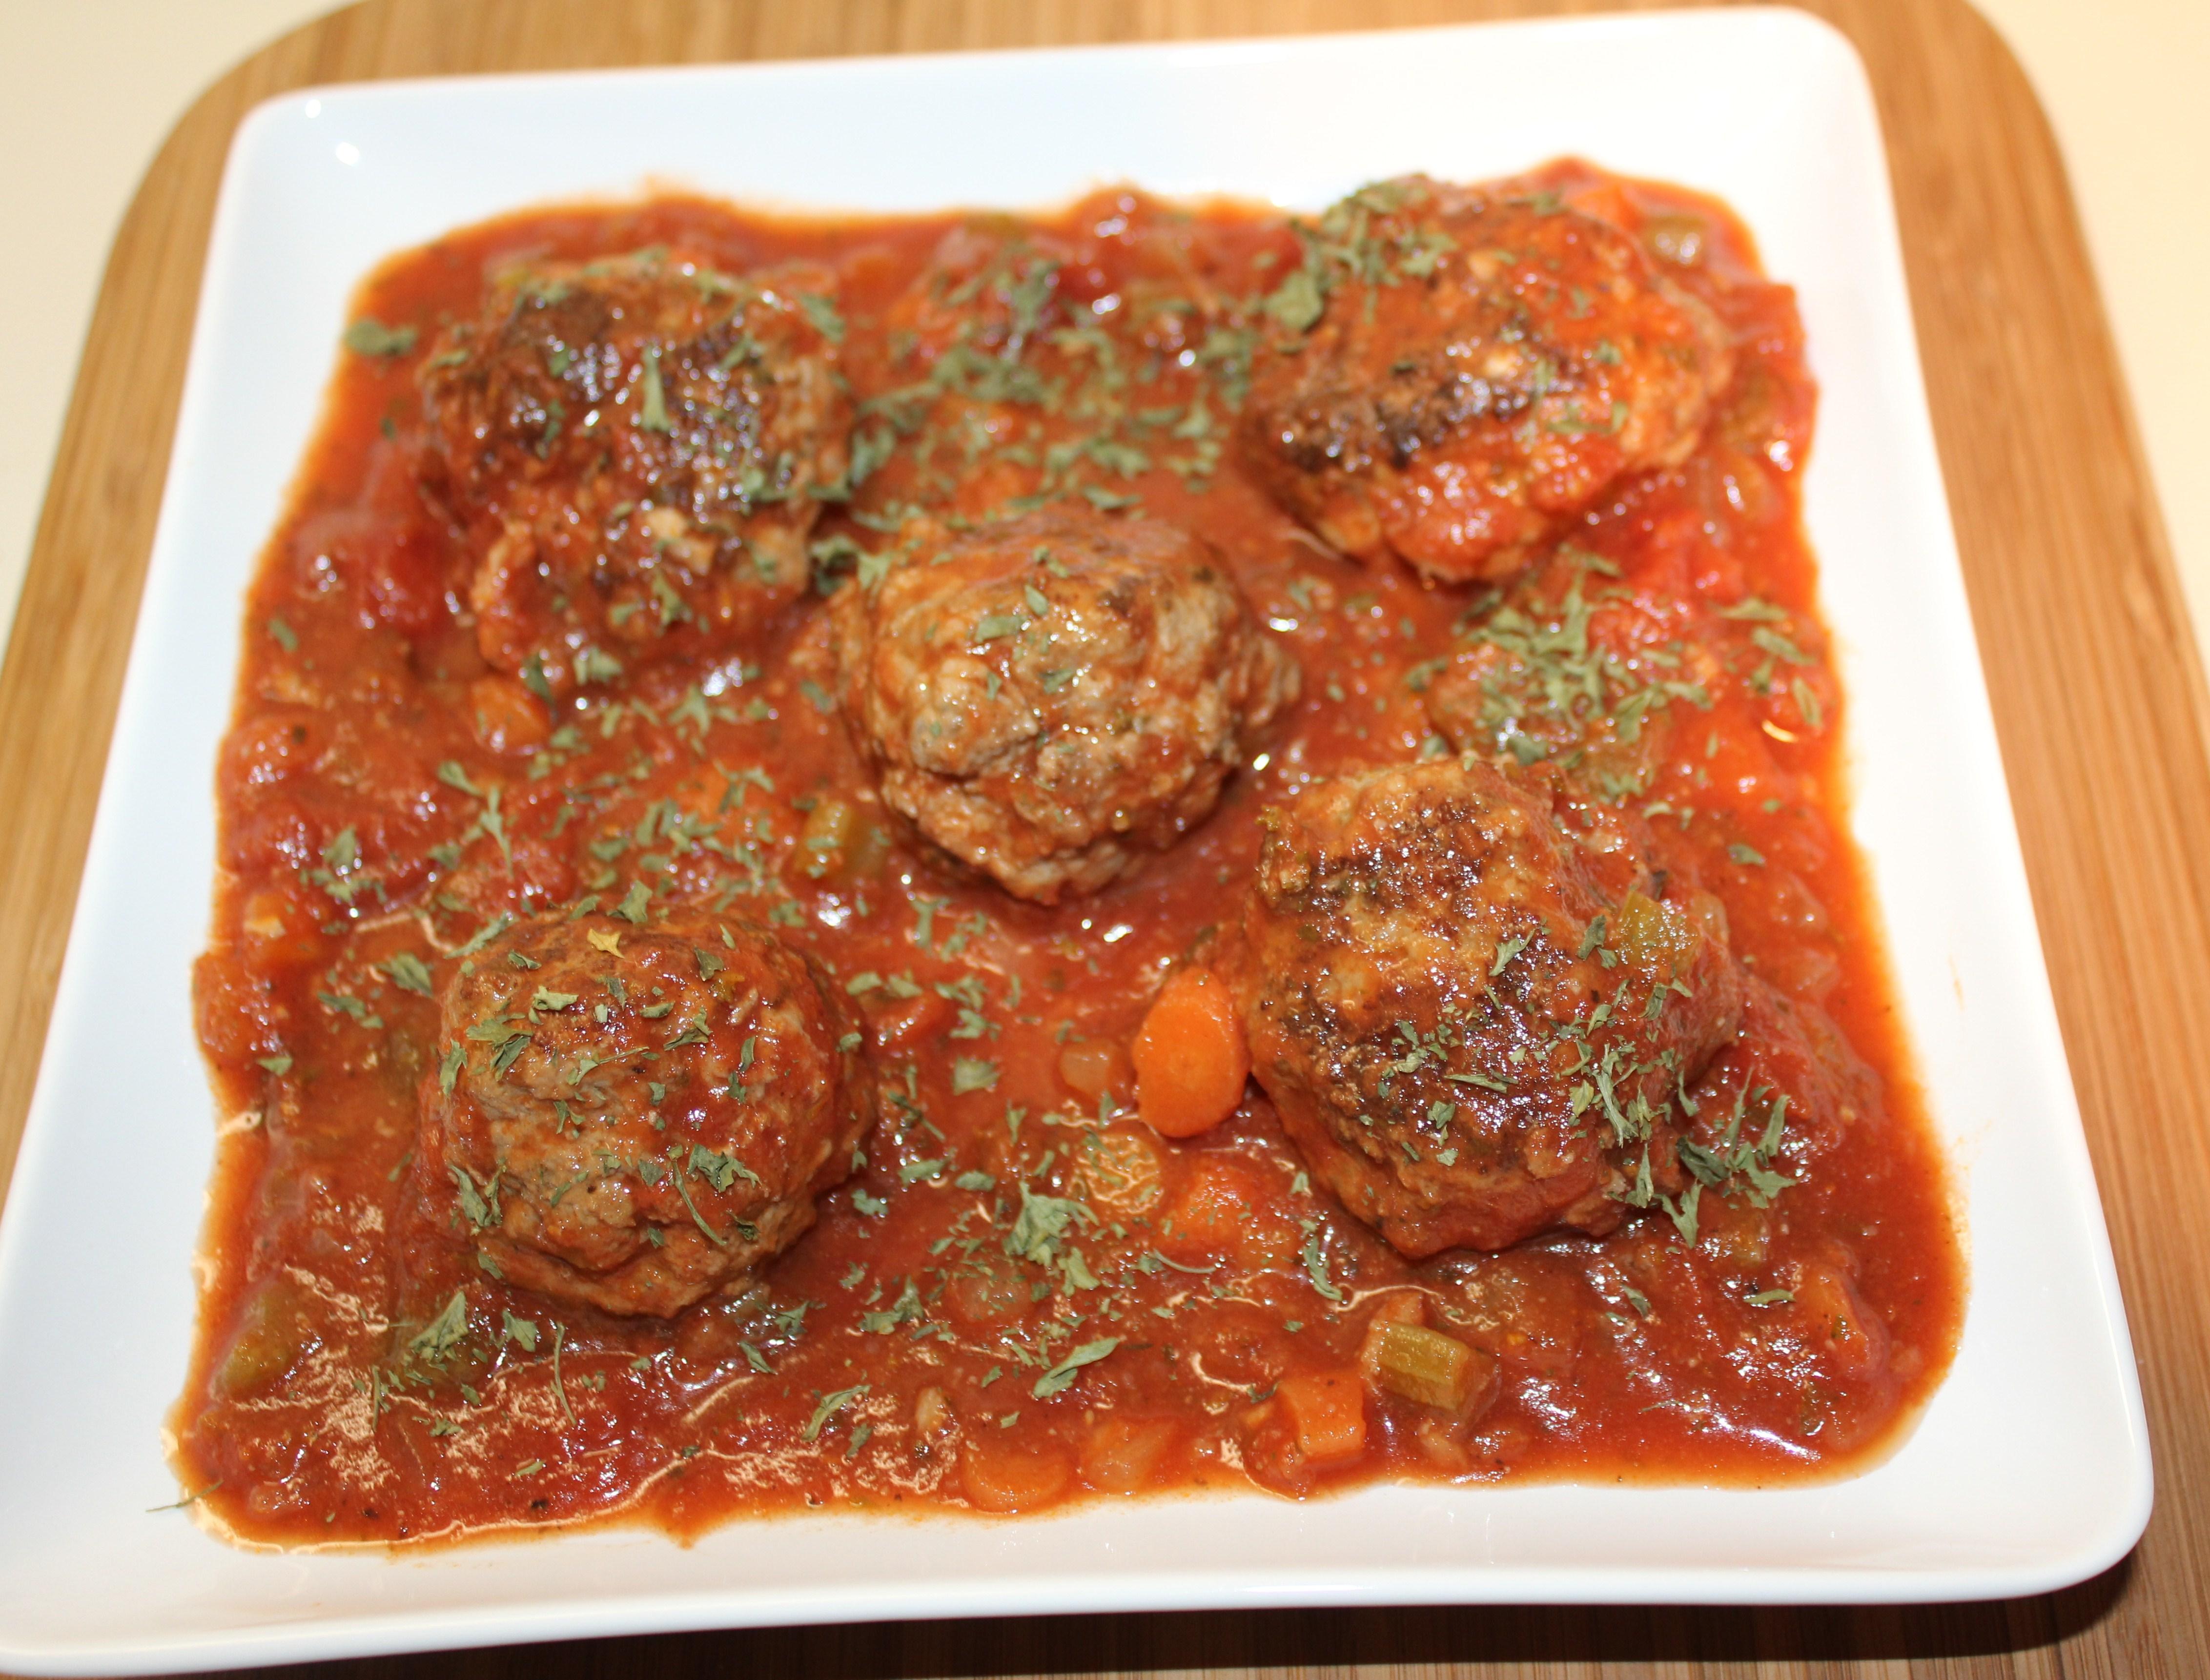 Kel's Spicy, Saucy Meatballs | Kel's Cafe of All Things Food